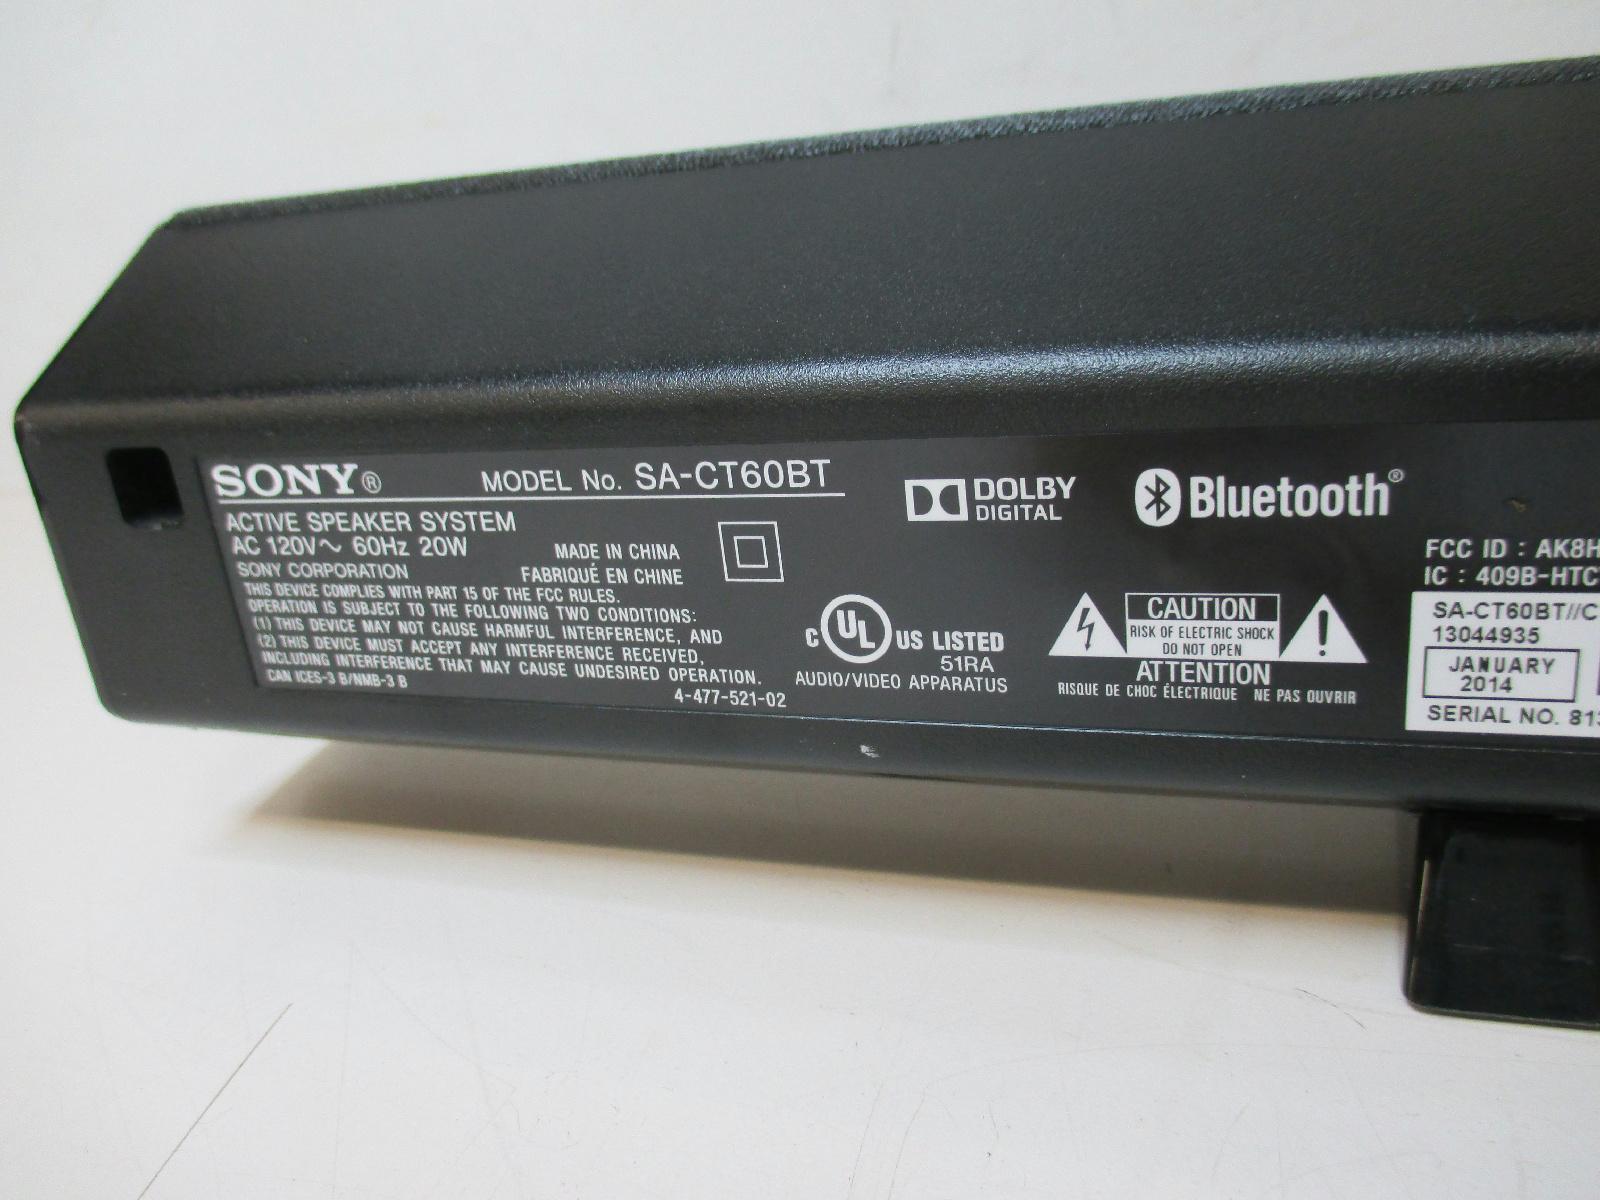 sony sound bar model sa ct60bt active speaker system ebay. Black Bedroom Furniture Sets. Home Design Ideas